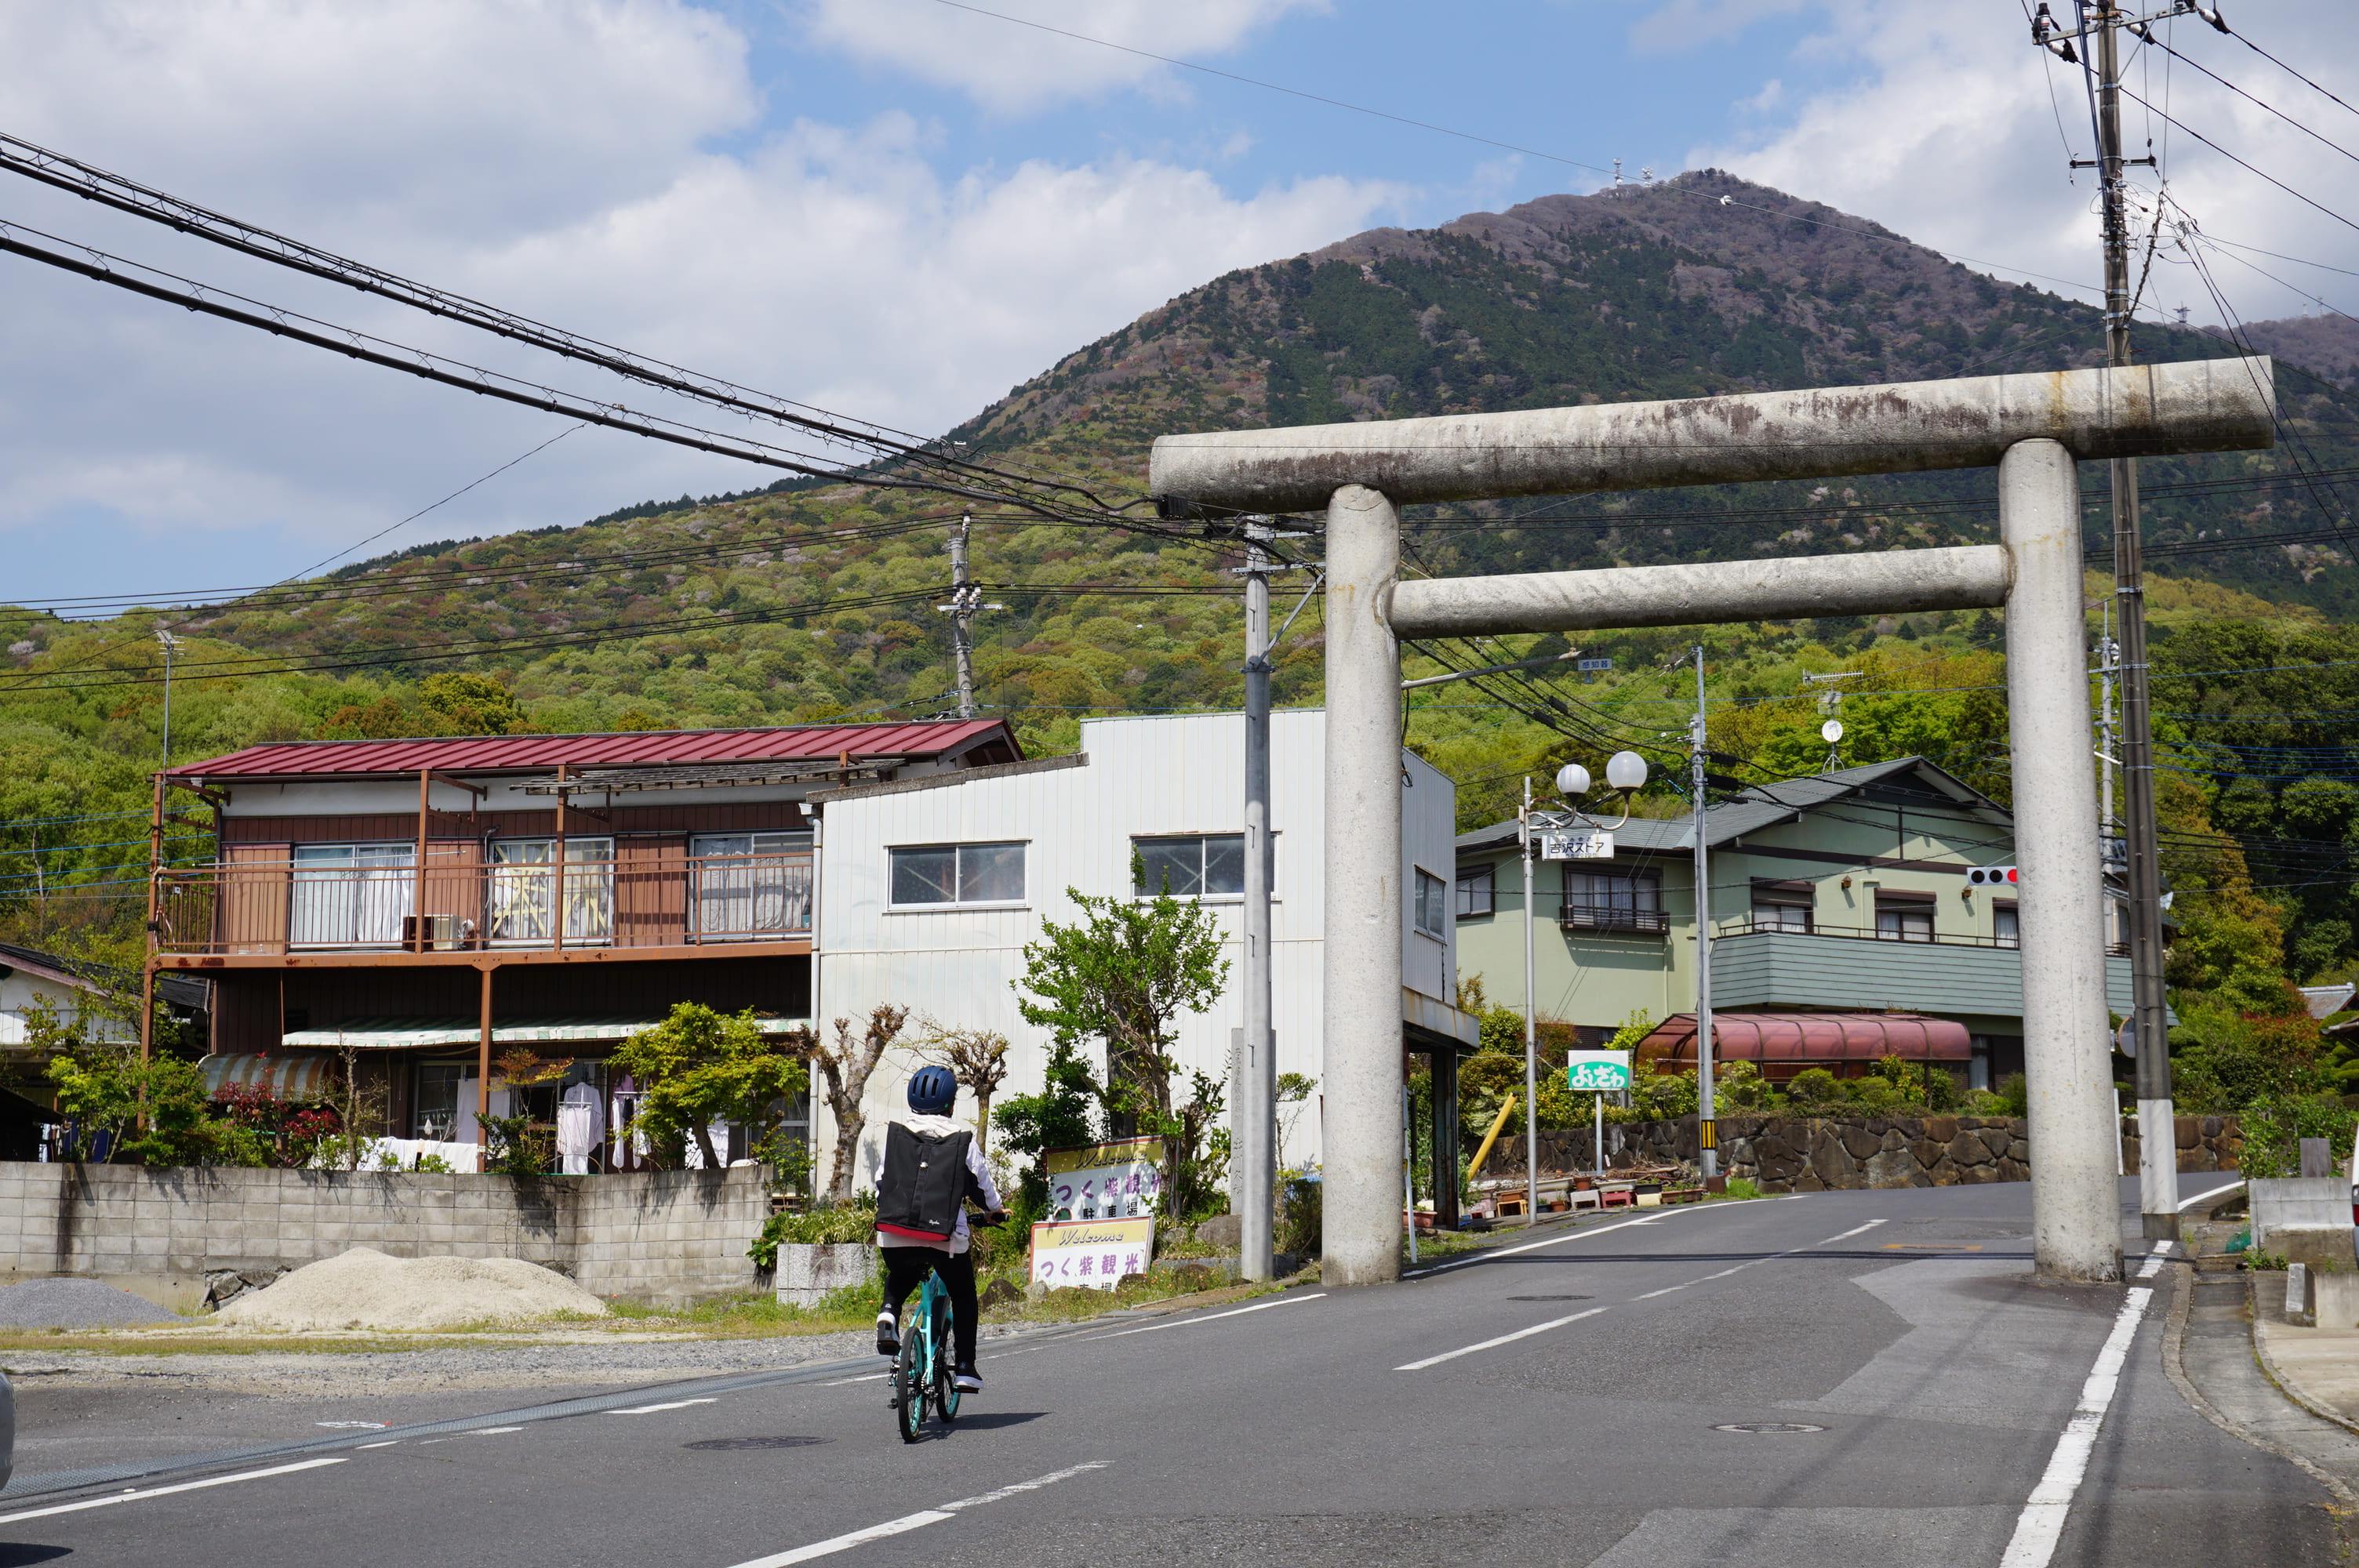 旧筑波駅前からのびる坂道は筑波山神社への参道